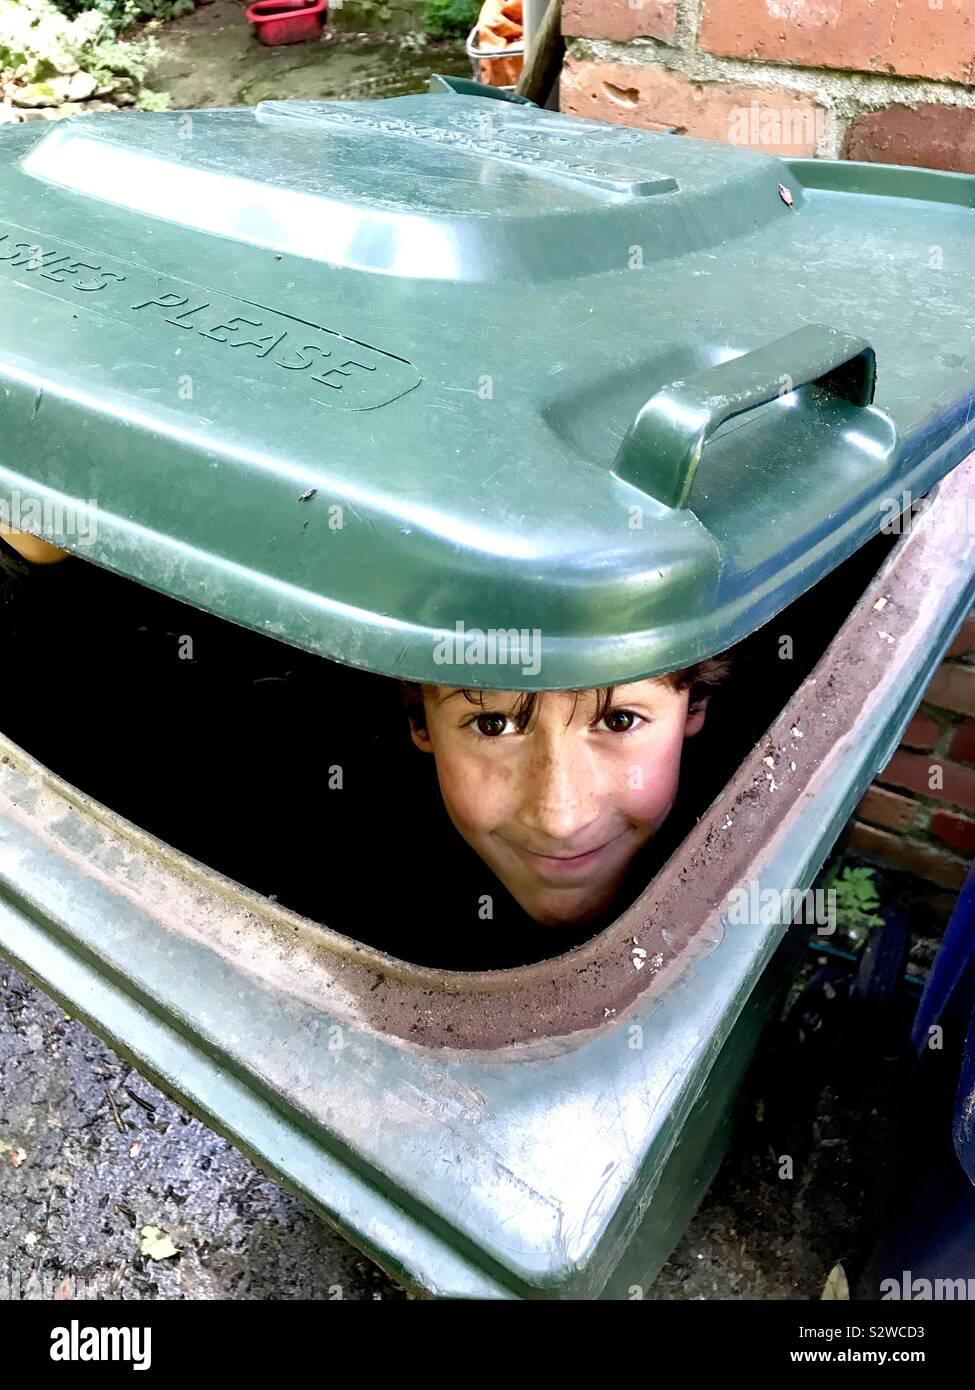 A boy hides in a wheelie bin. Stock Photo